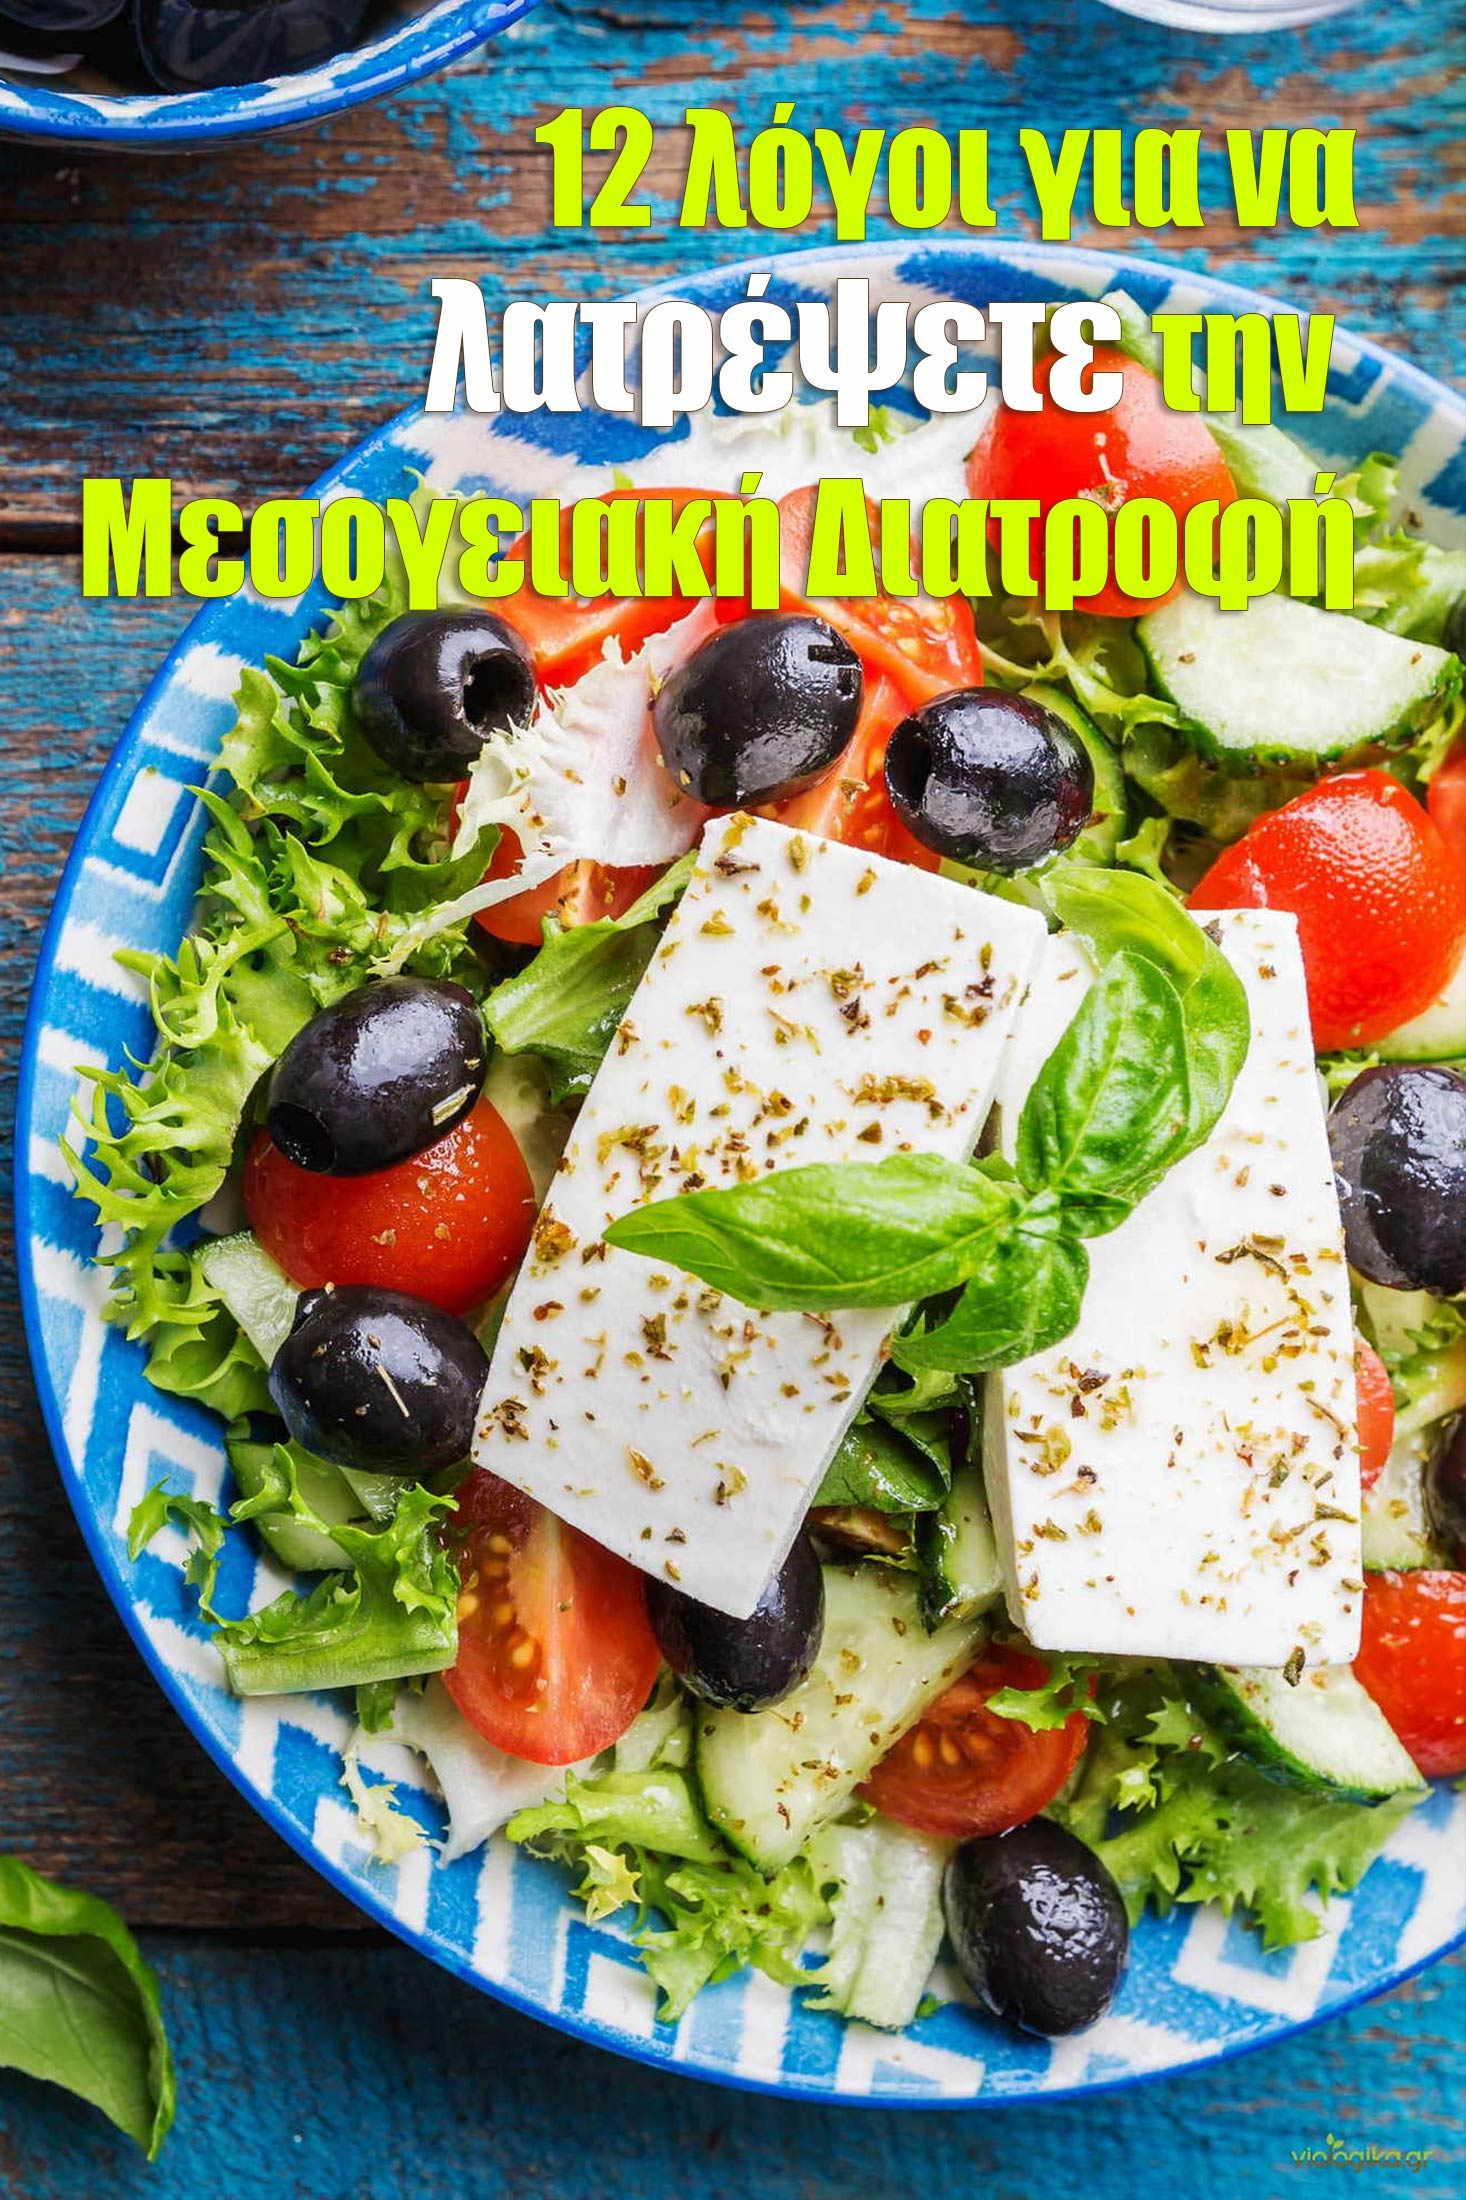 12 λόγοι για να λατρέψετε την Μεσογειακή Διατροφή